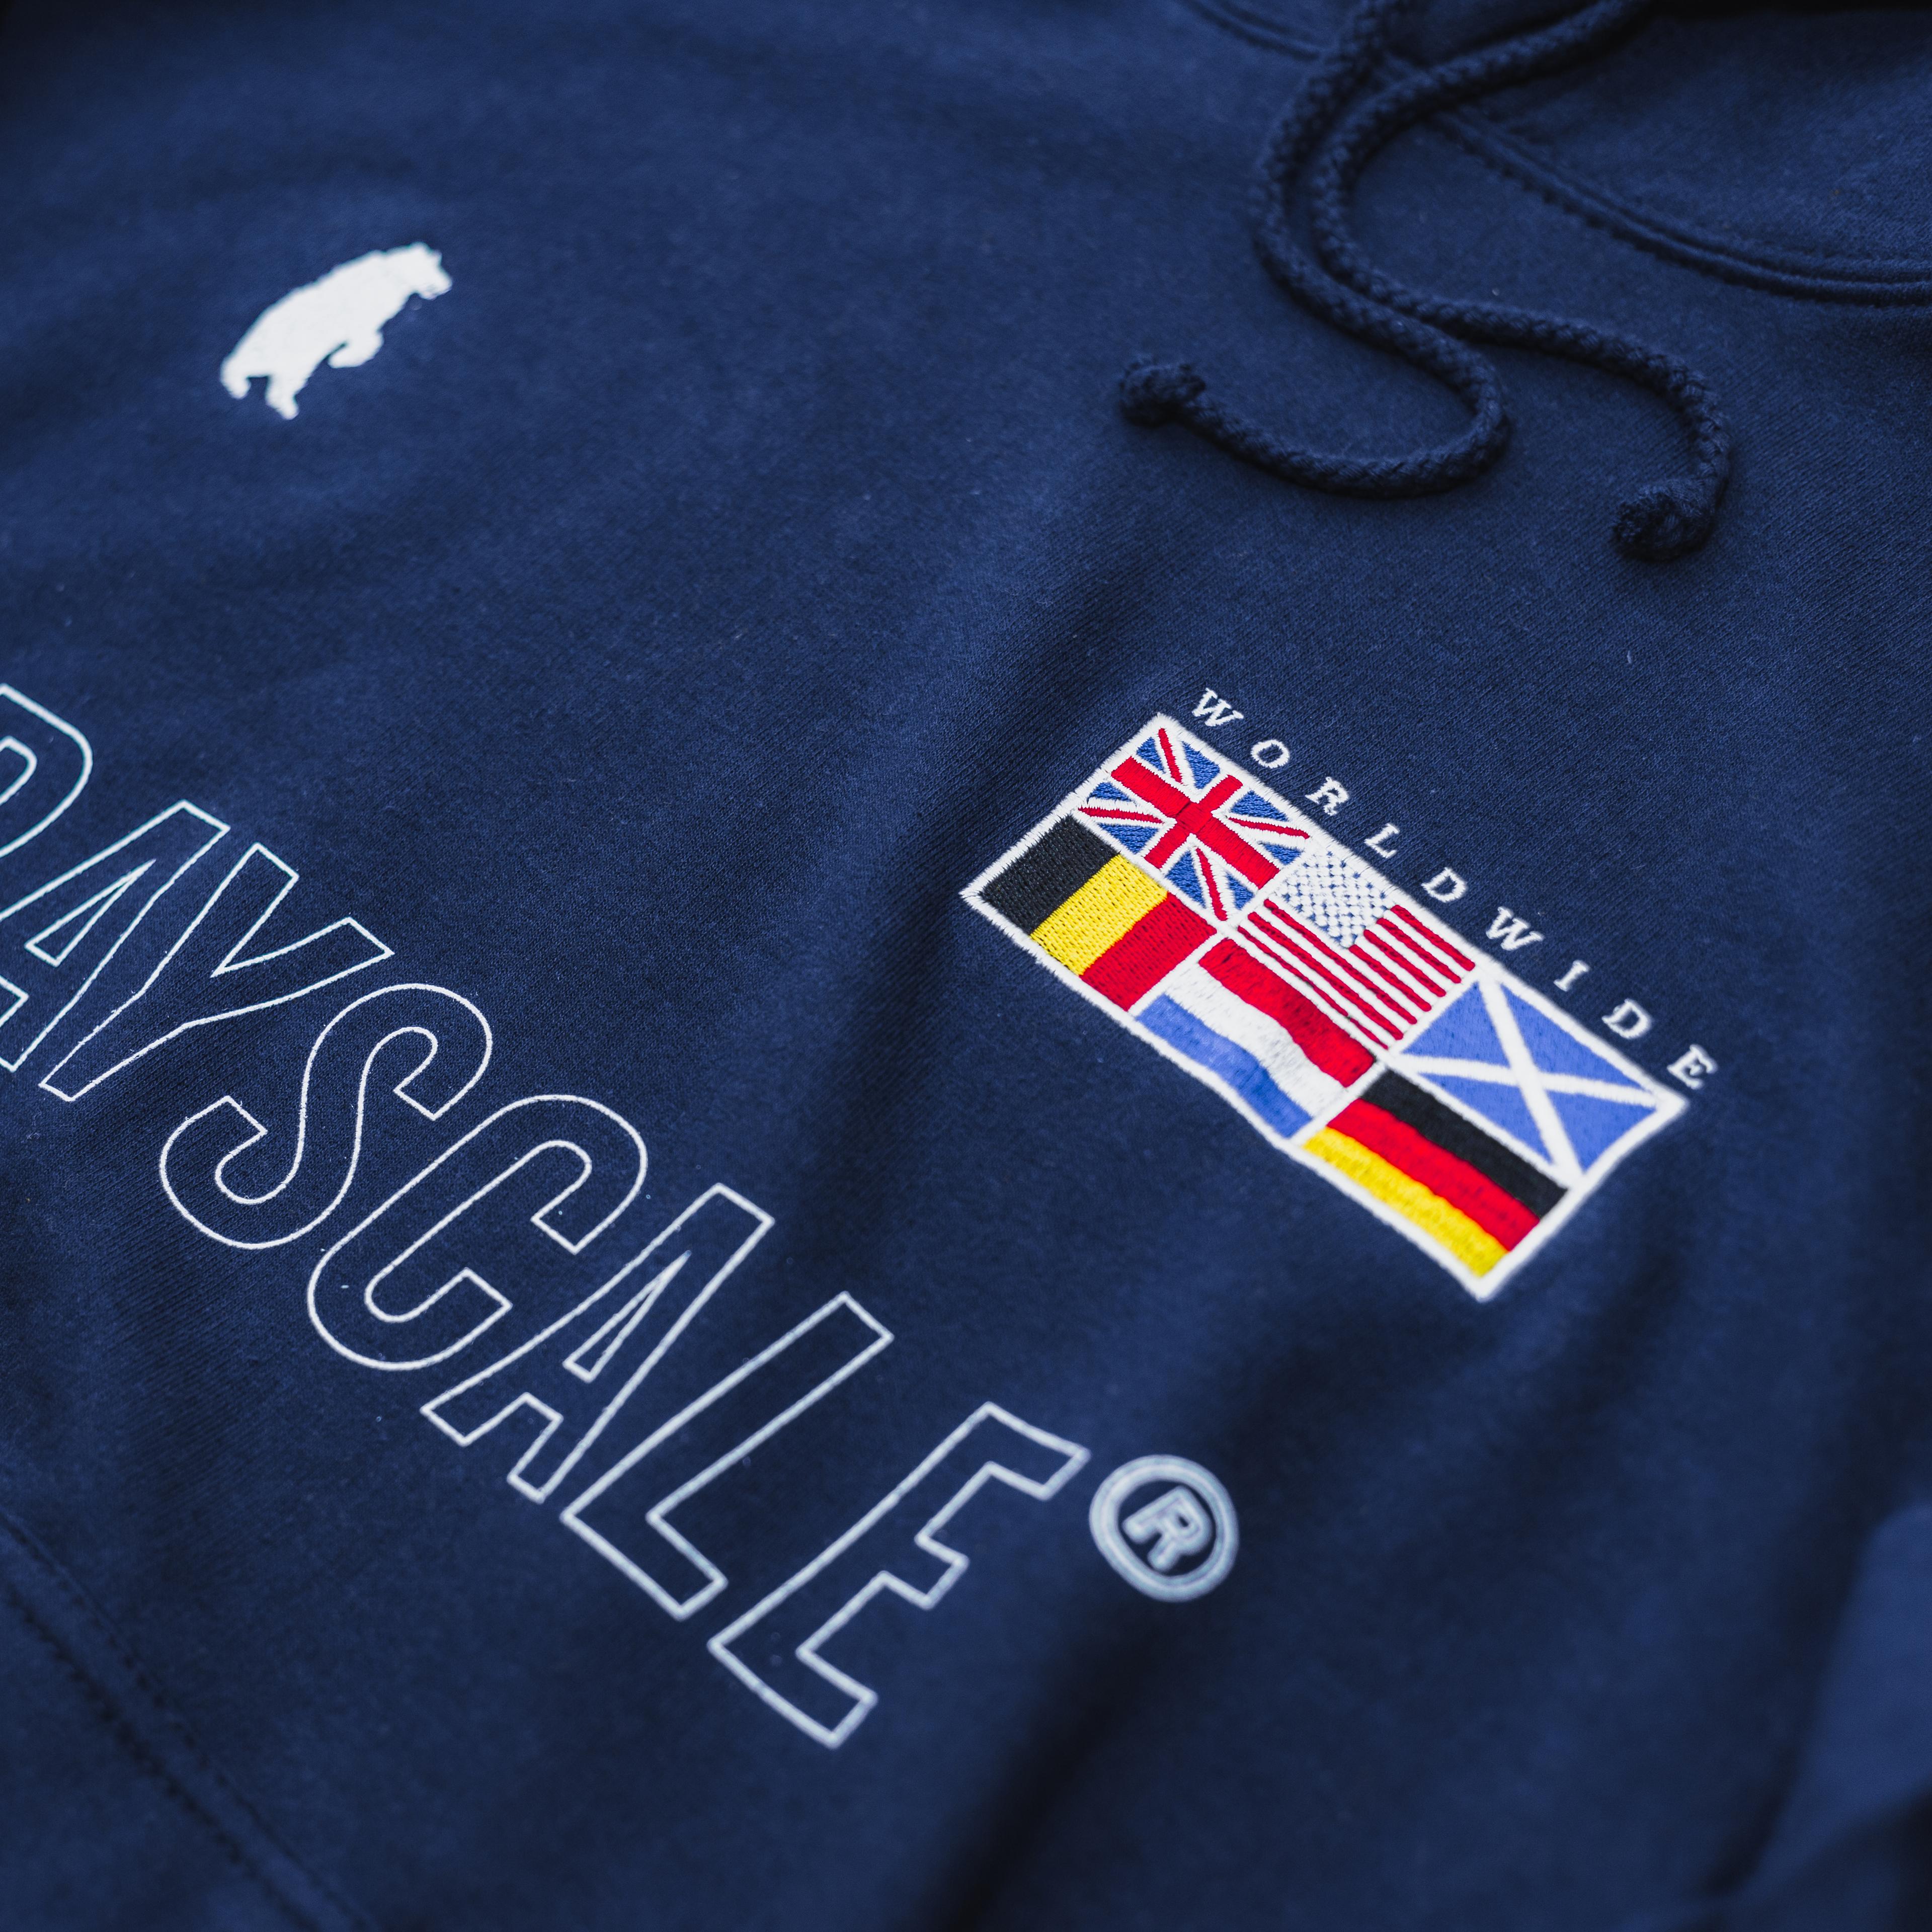 Navy Worldwide Hoodie (UK Edition)